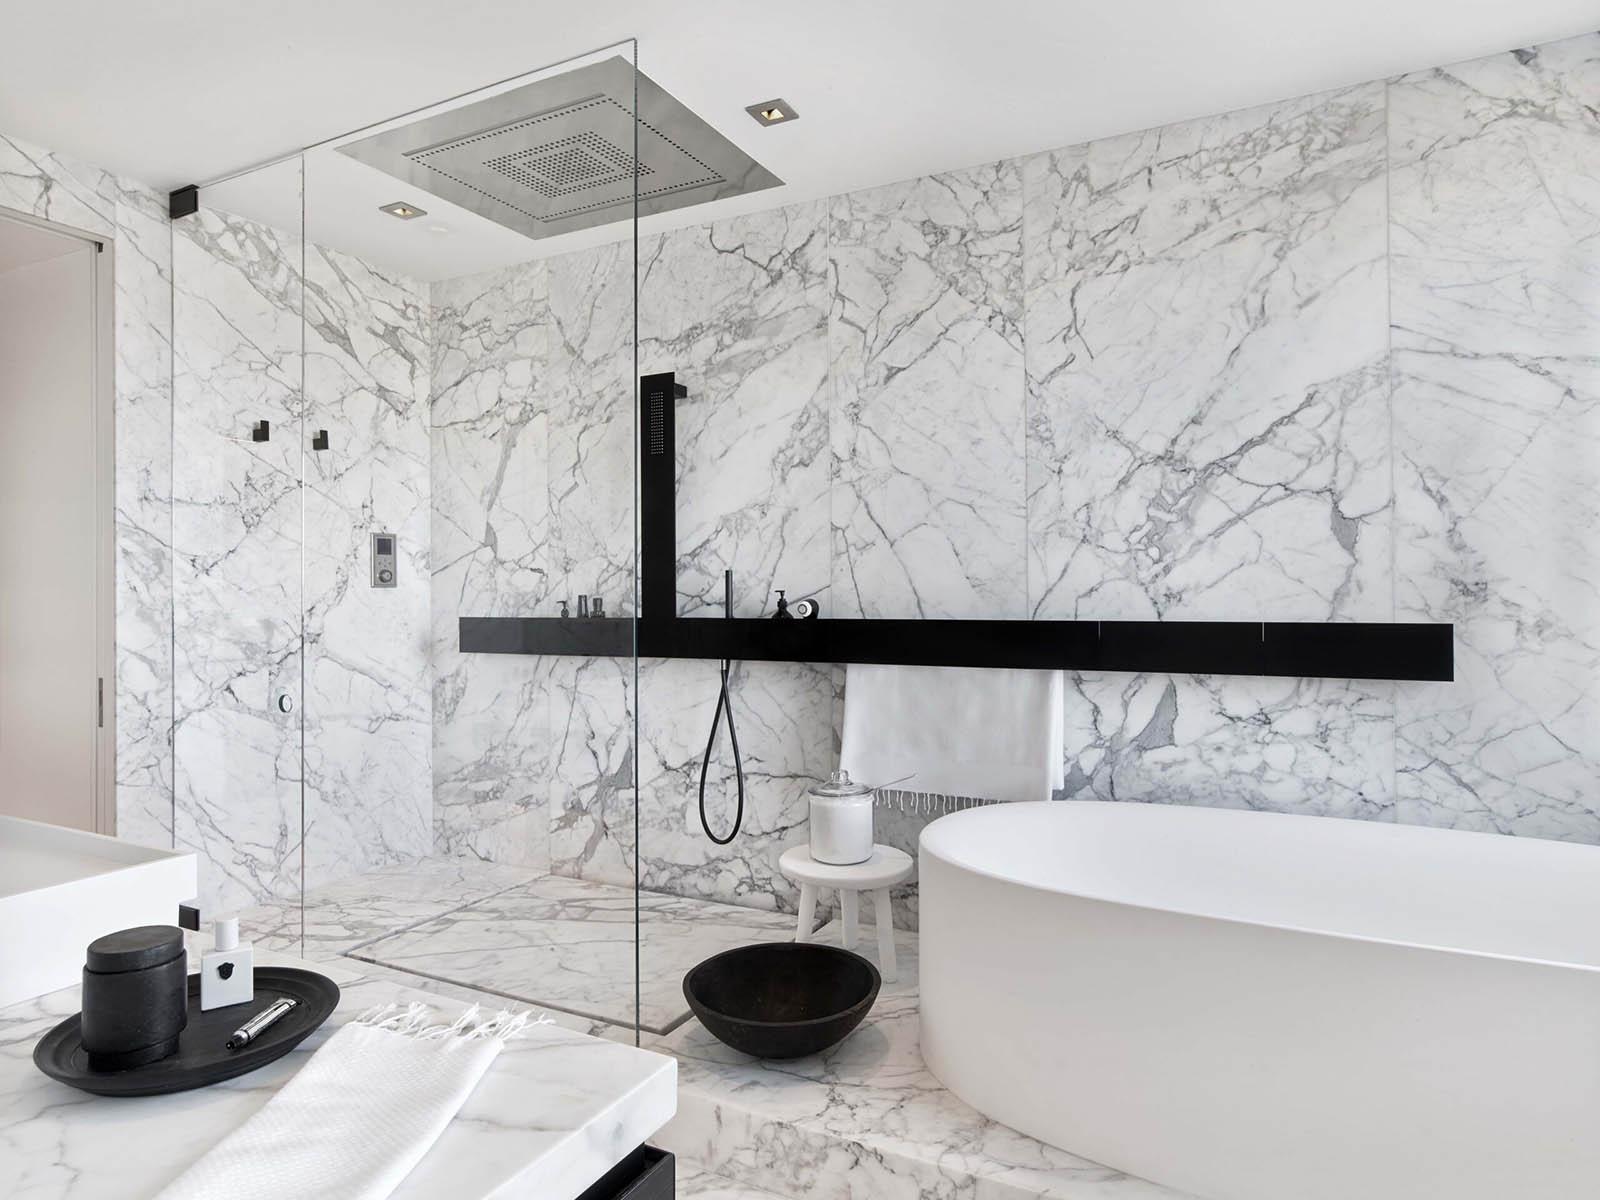 Baños modernos de inspiración natural